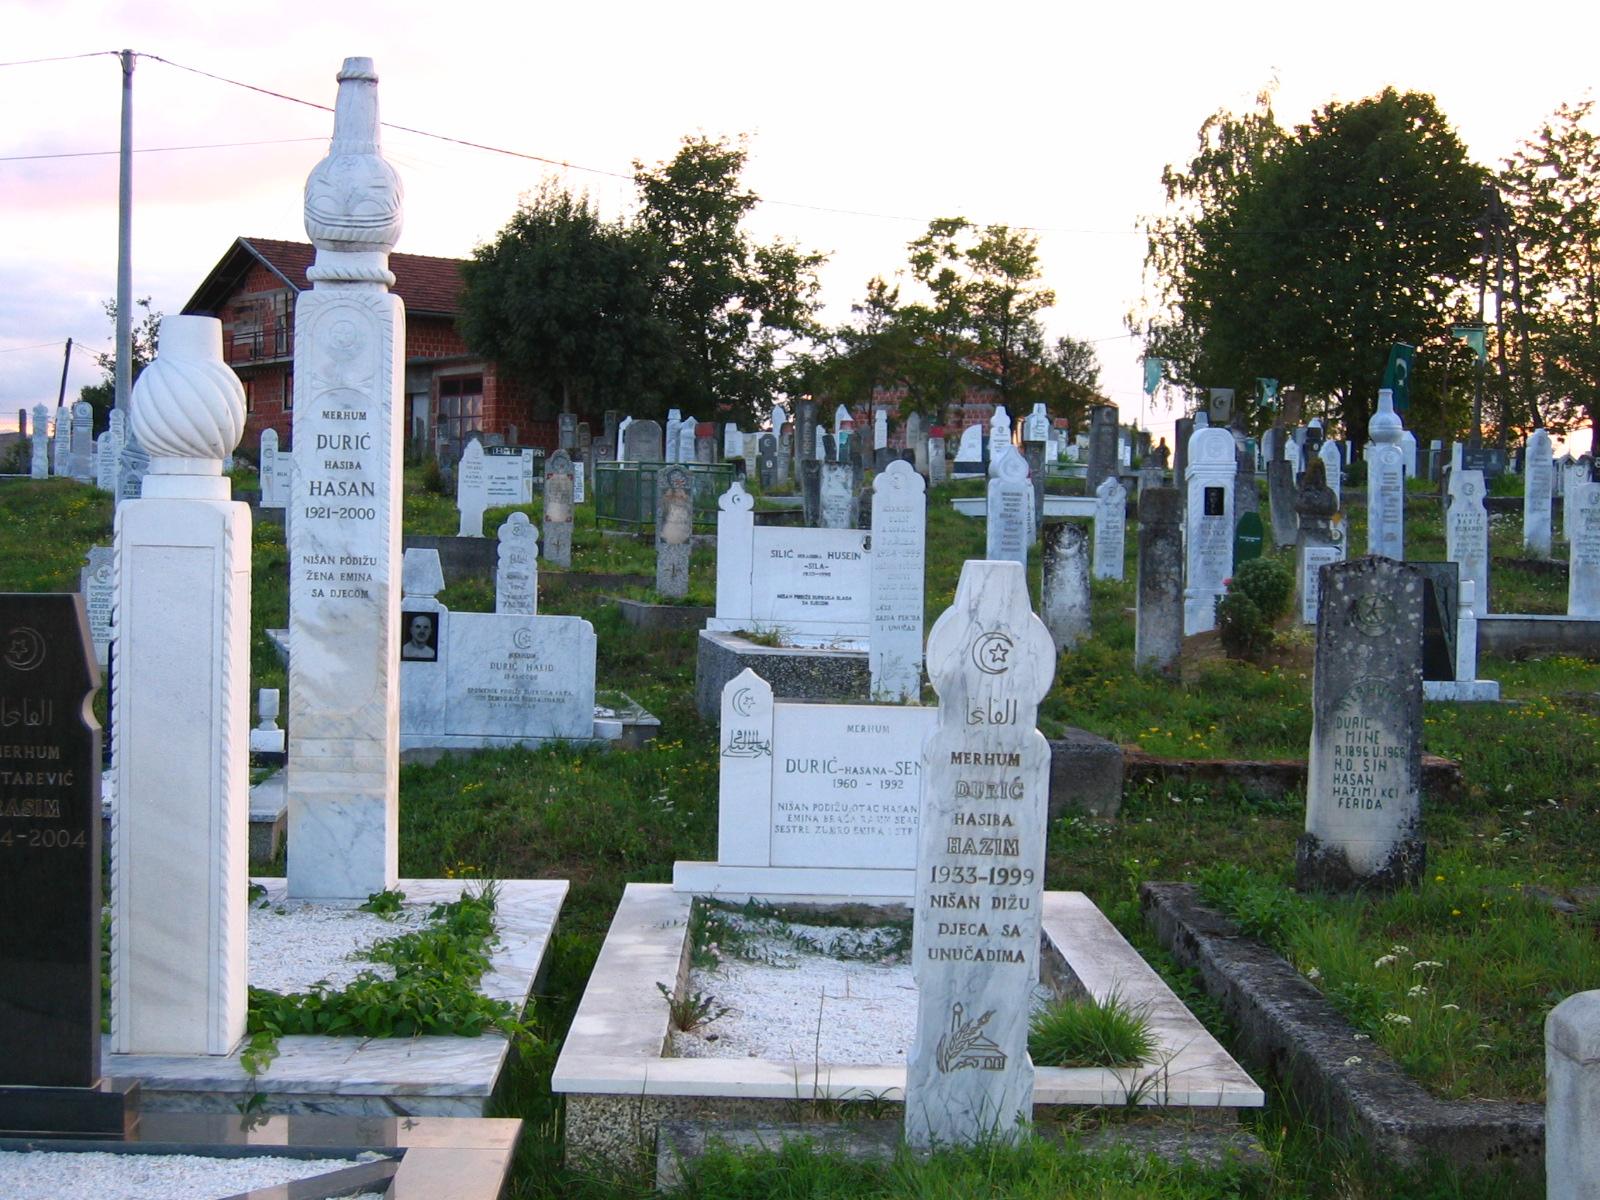 Muslim_cemetery_near_Cazin,_Bosnia-Herzegovina.jpg